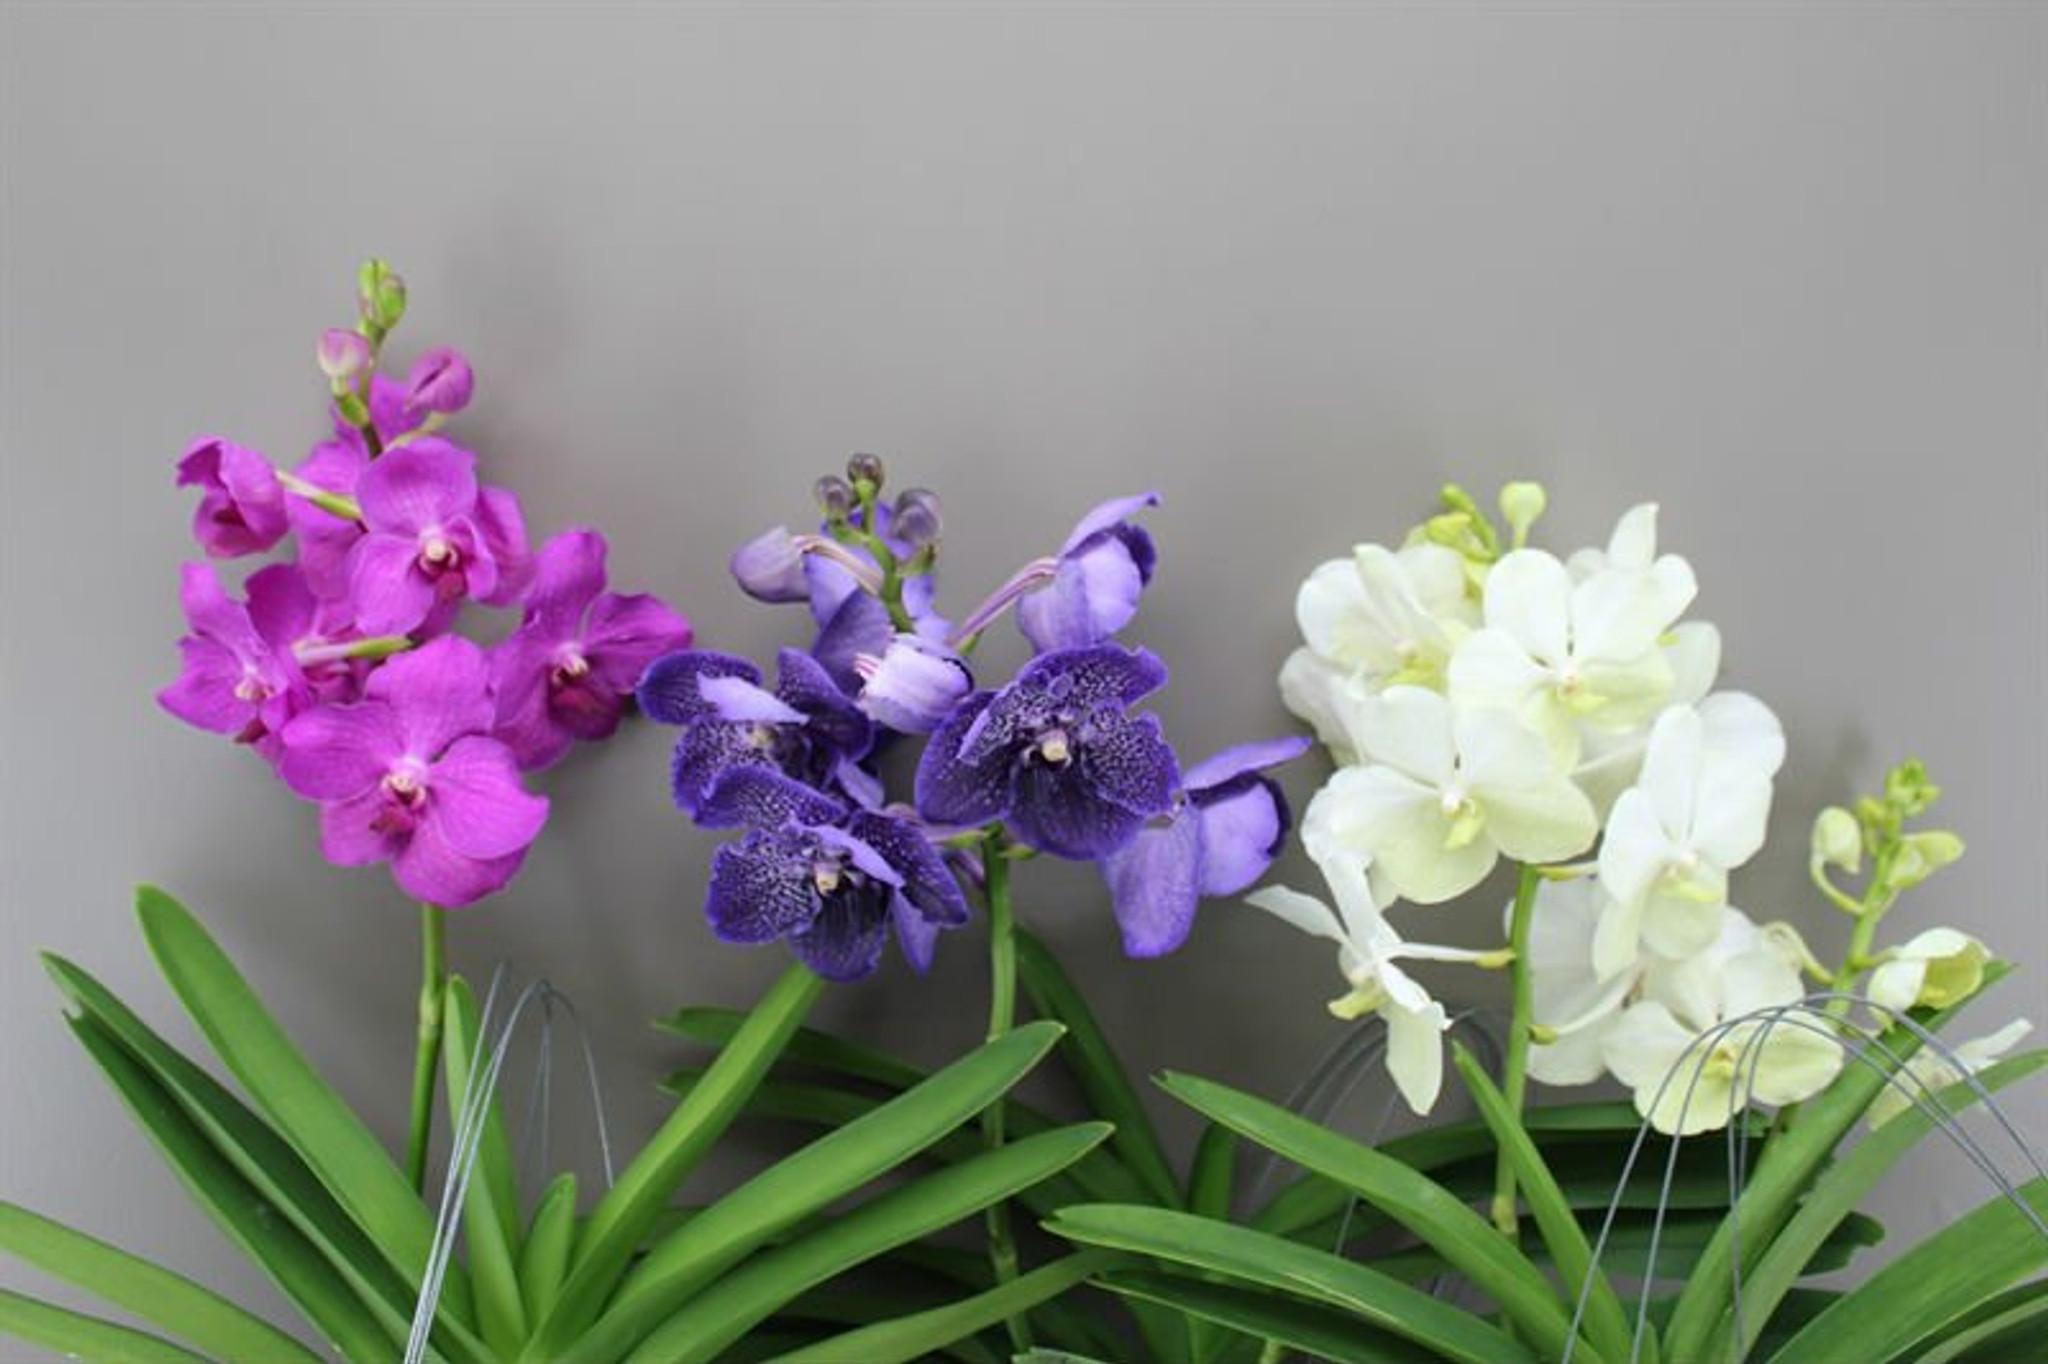 Vanda Magic Orchid